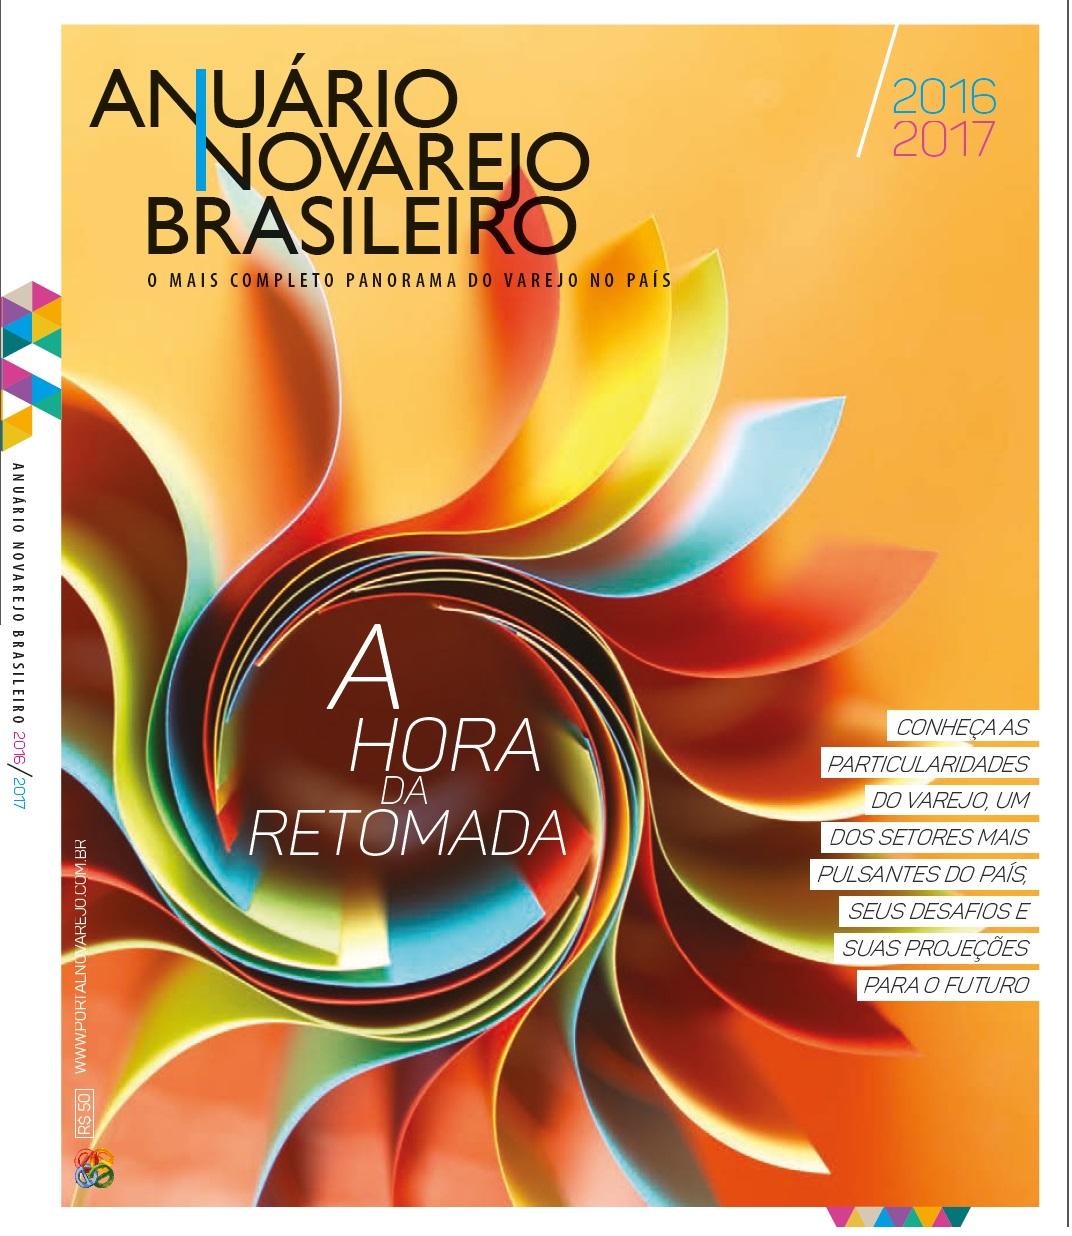 Consumoteca no Anuário Novarejo Brasileiro 2016_CAPA